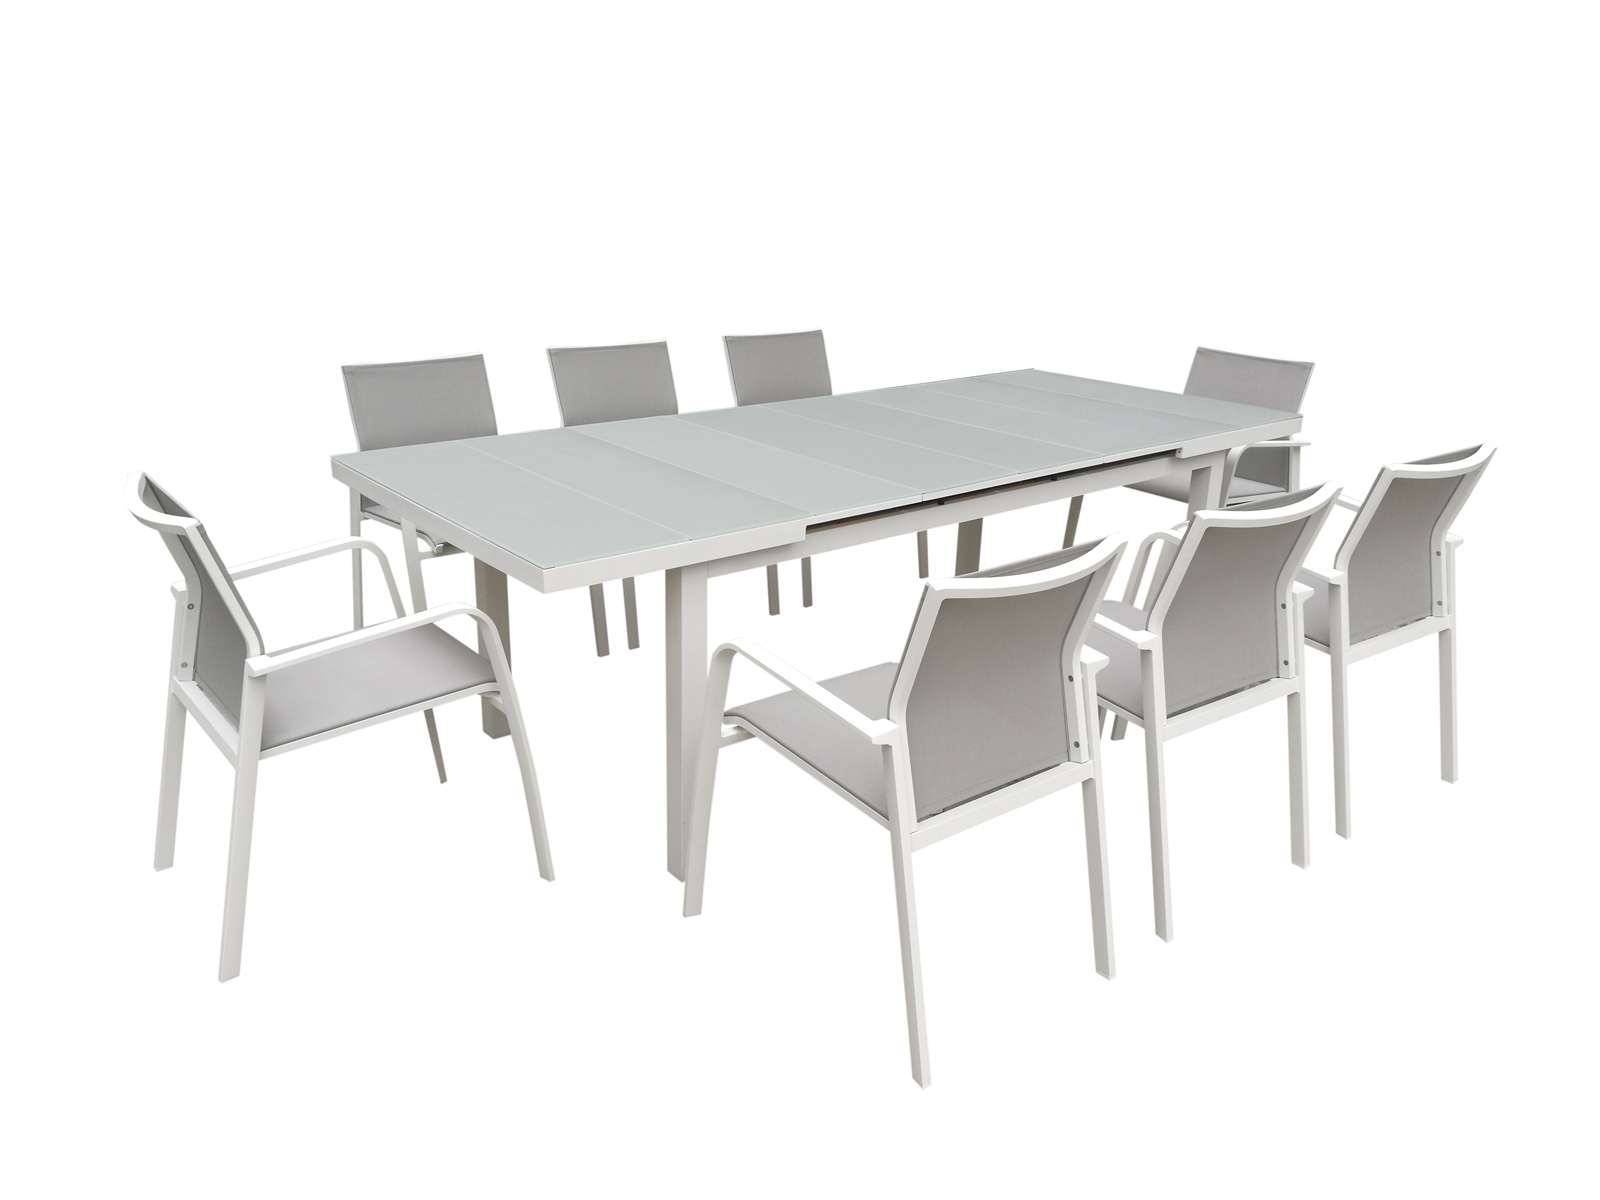 Table De Jardin Extensible Nice 180/240Cm En Aluminium Blanc Gris Et  Plateau Verre Blanc Gris tout Table De Jardin Grise